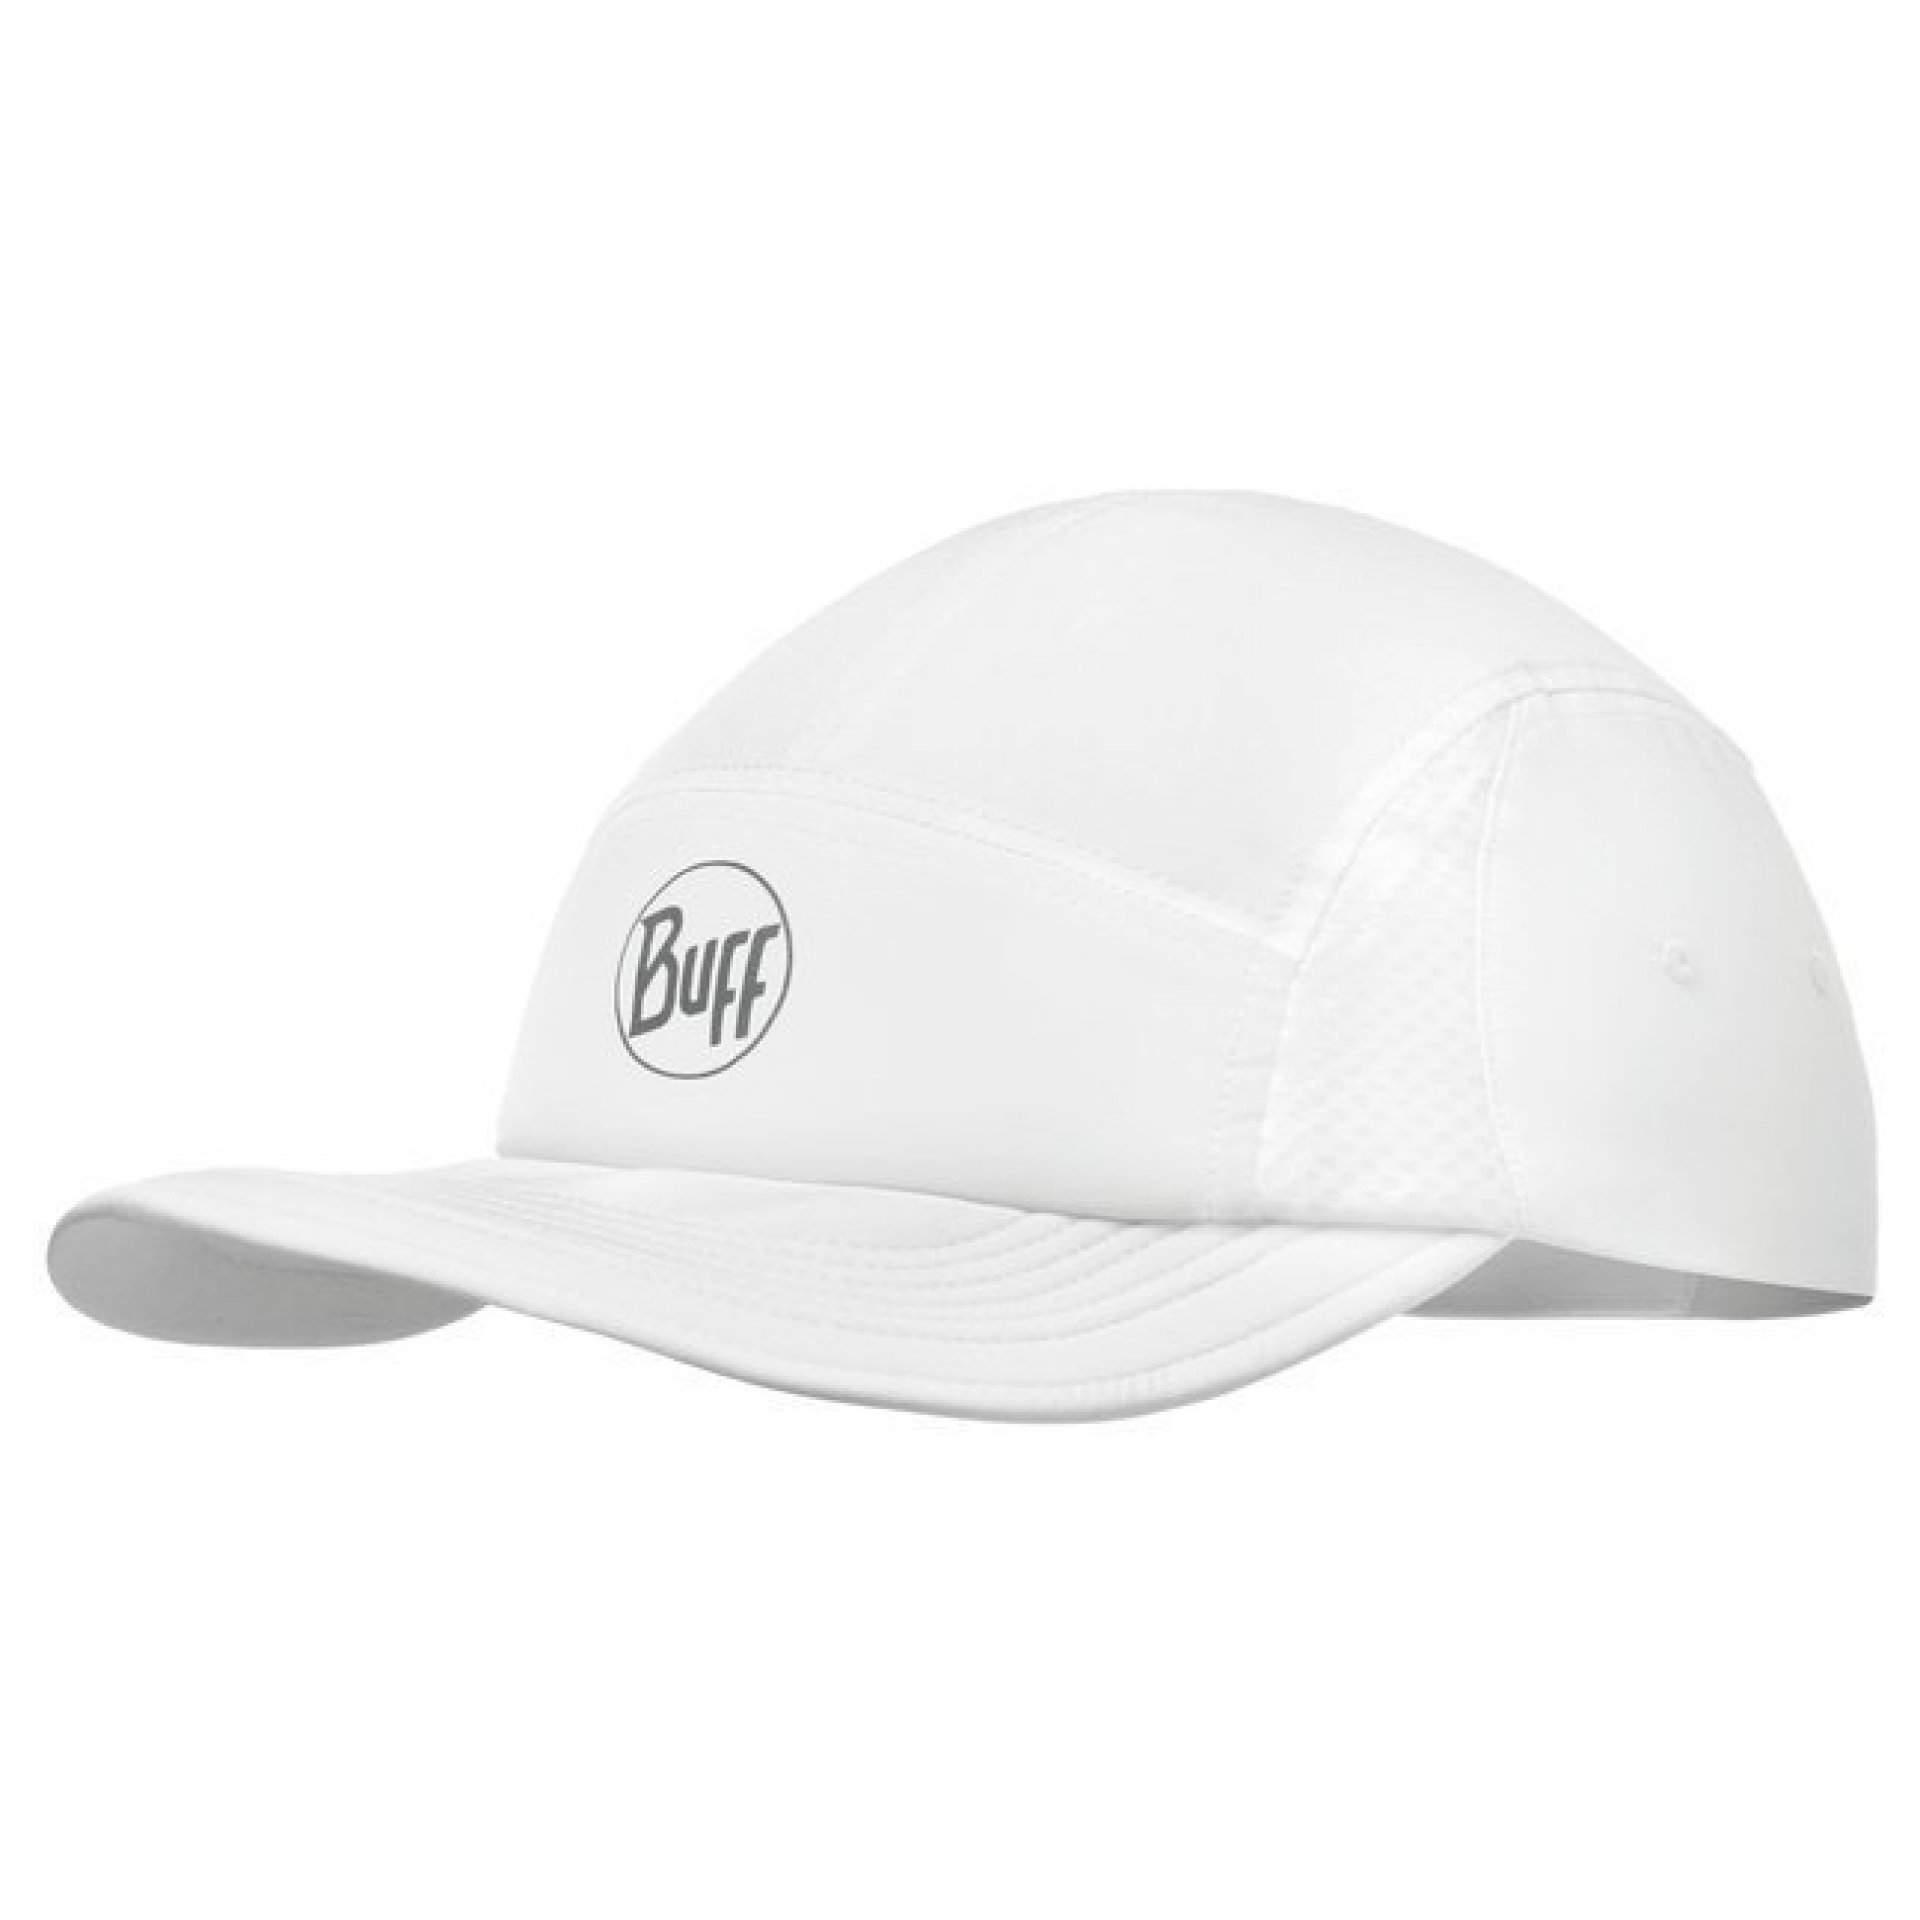 CZAPKA Z DASZKIEM BUFF 5 PANELS CAP R-SOLID WHITE